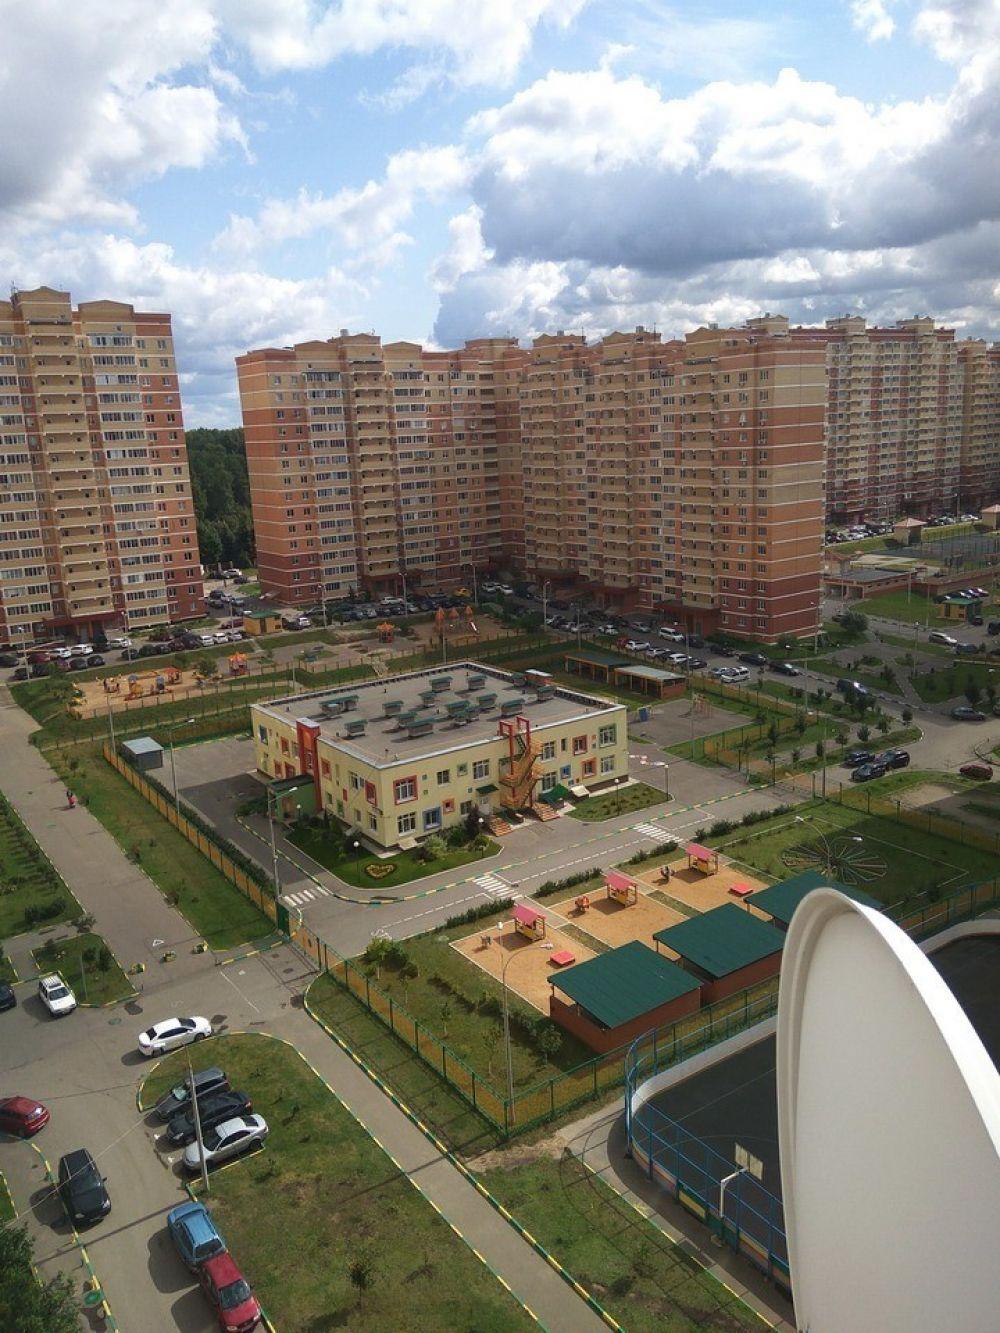 Однокомнатная квартира улучшенной планировки 47.6 м2, г. Щелково, Богородский мкр,10, фото 14